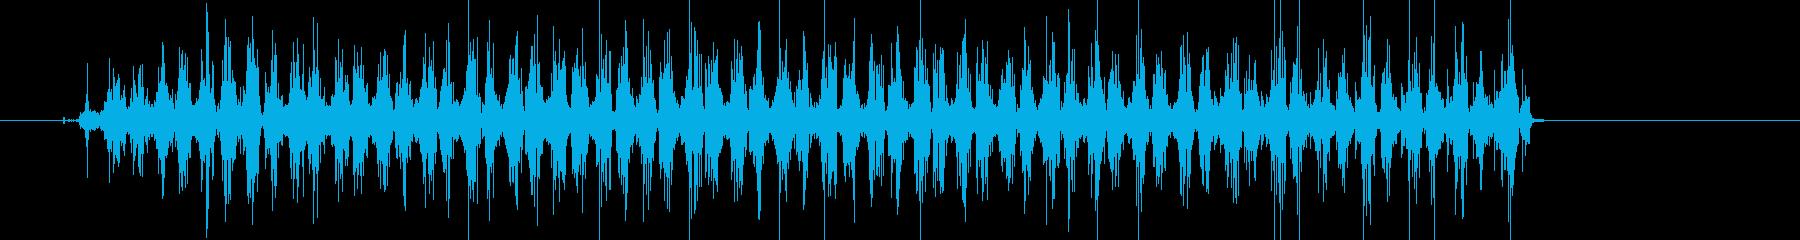 ギーコギーコ何かを擦っている音の再生済みの波形